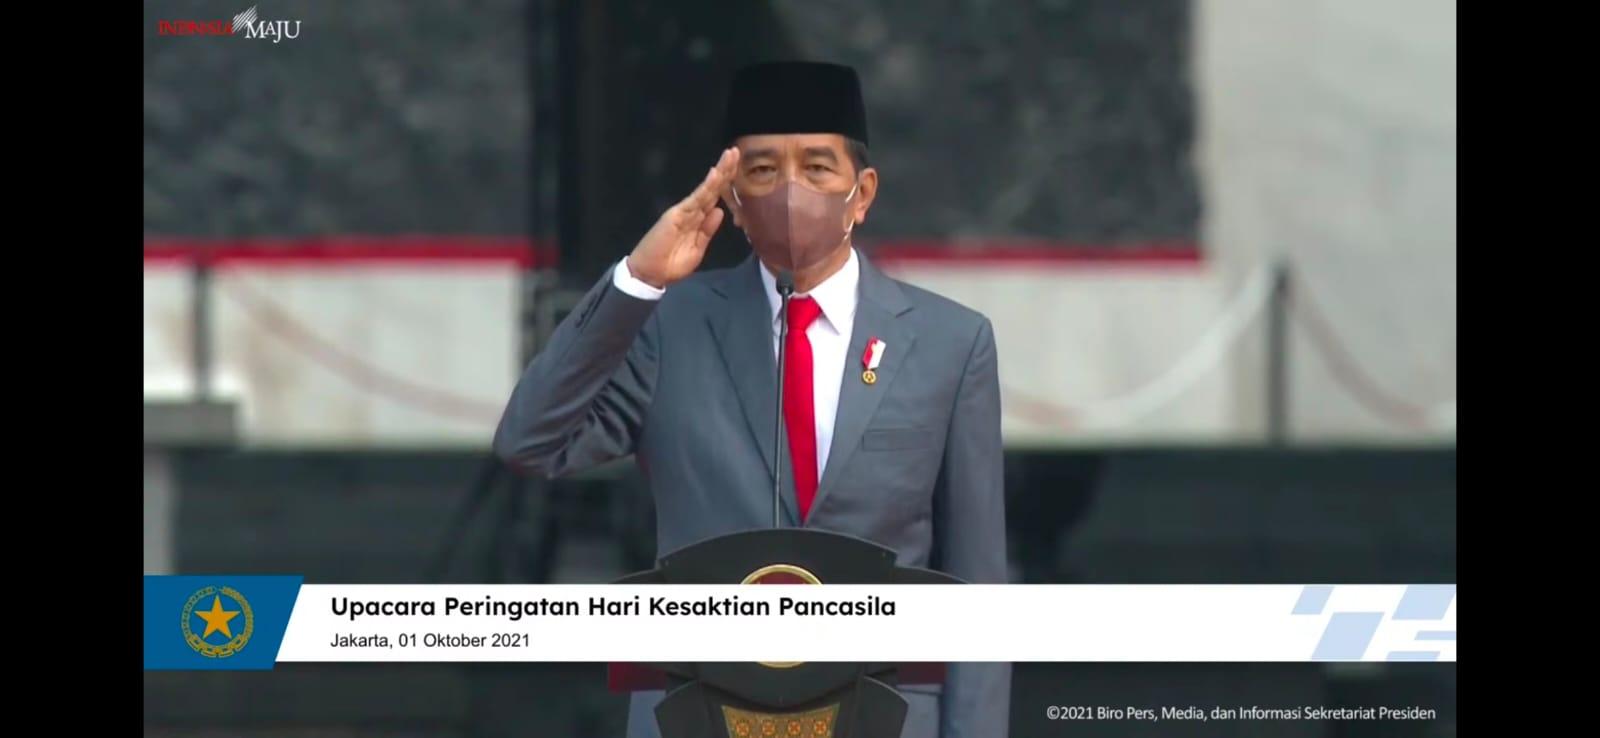 Upacara Peringatan Hari Kesaktian Pancasila Bersama Presiden Republik Indonesia